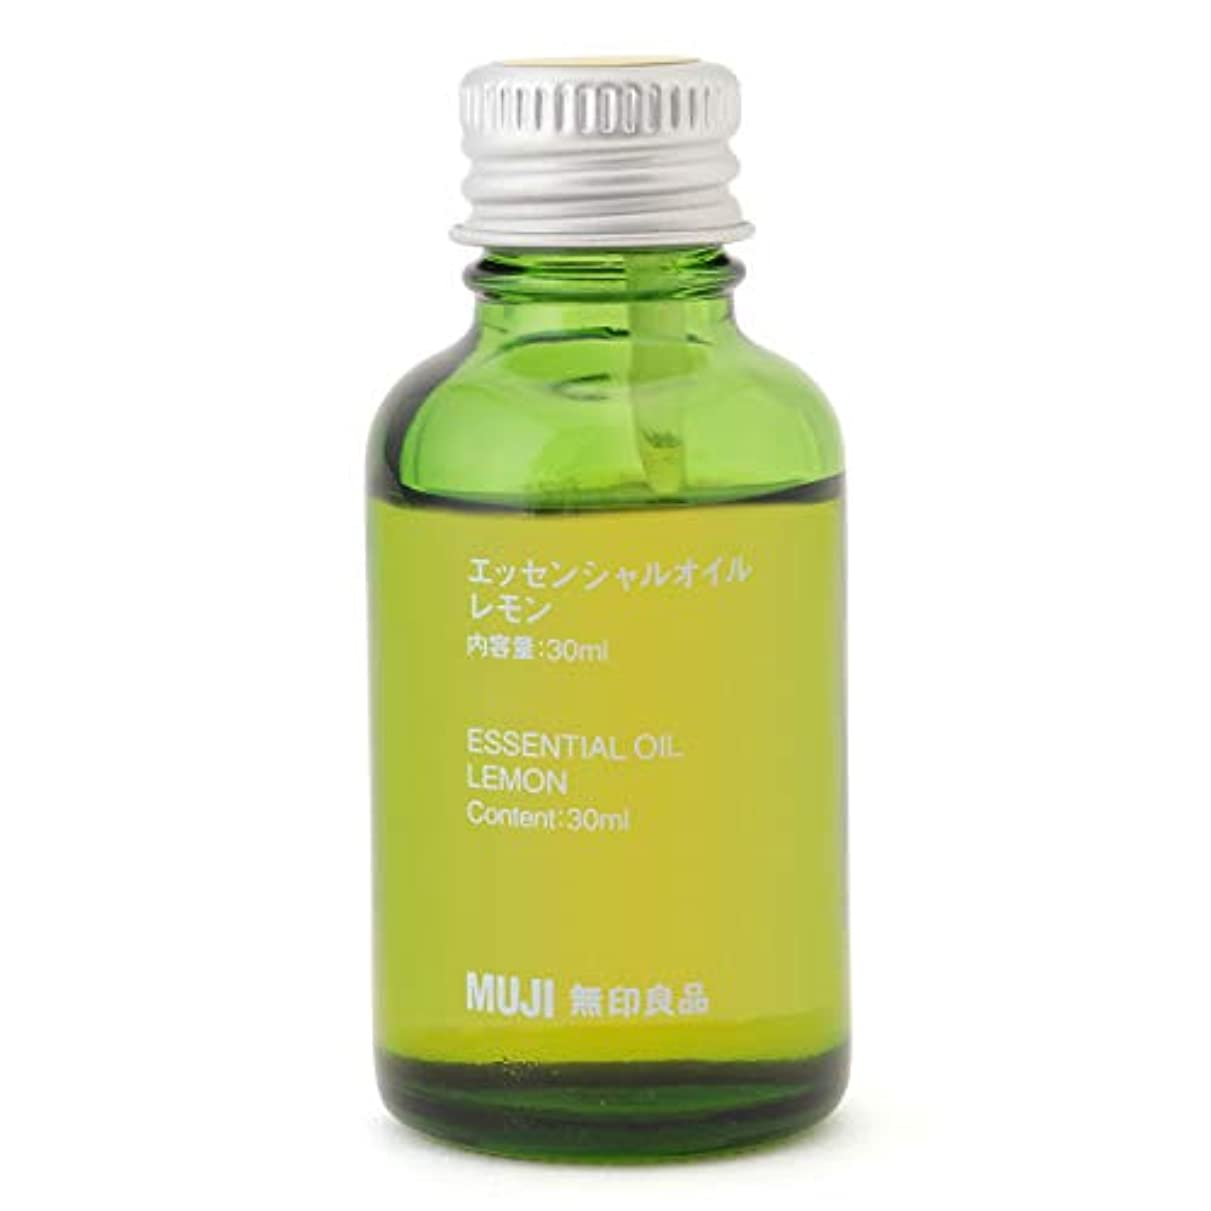 検出する反対傑作【無印良品】エッセンシャルオイル30ml(レモン)